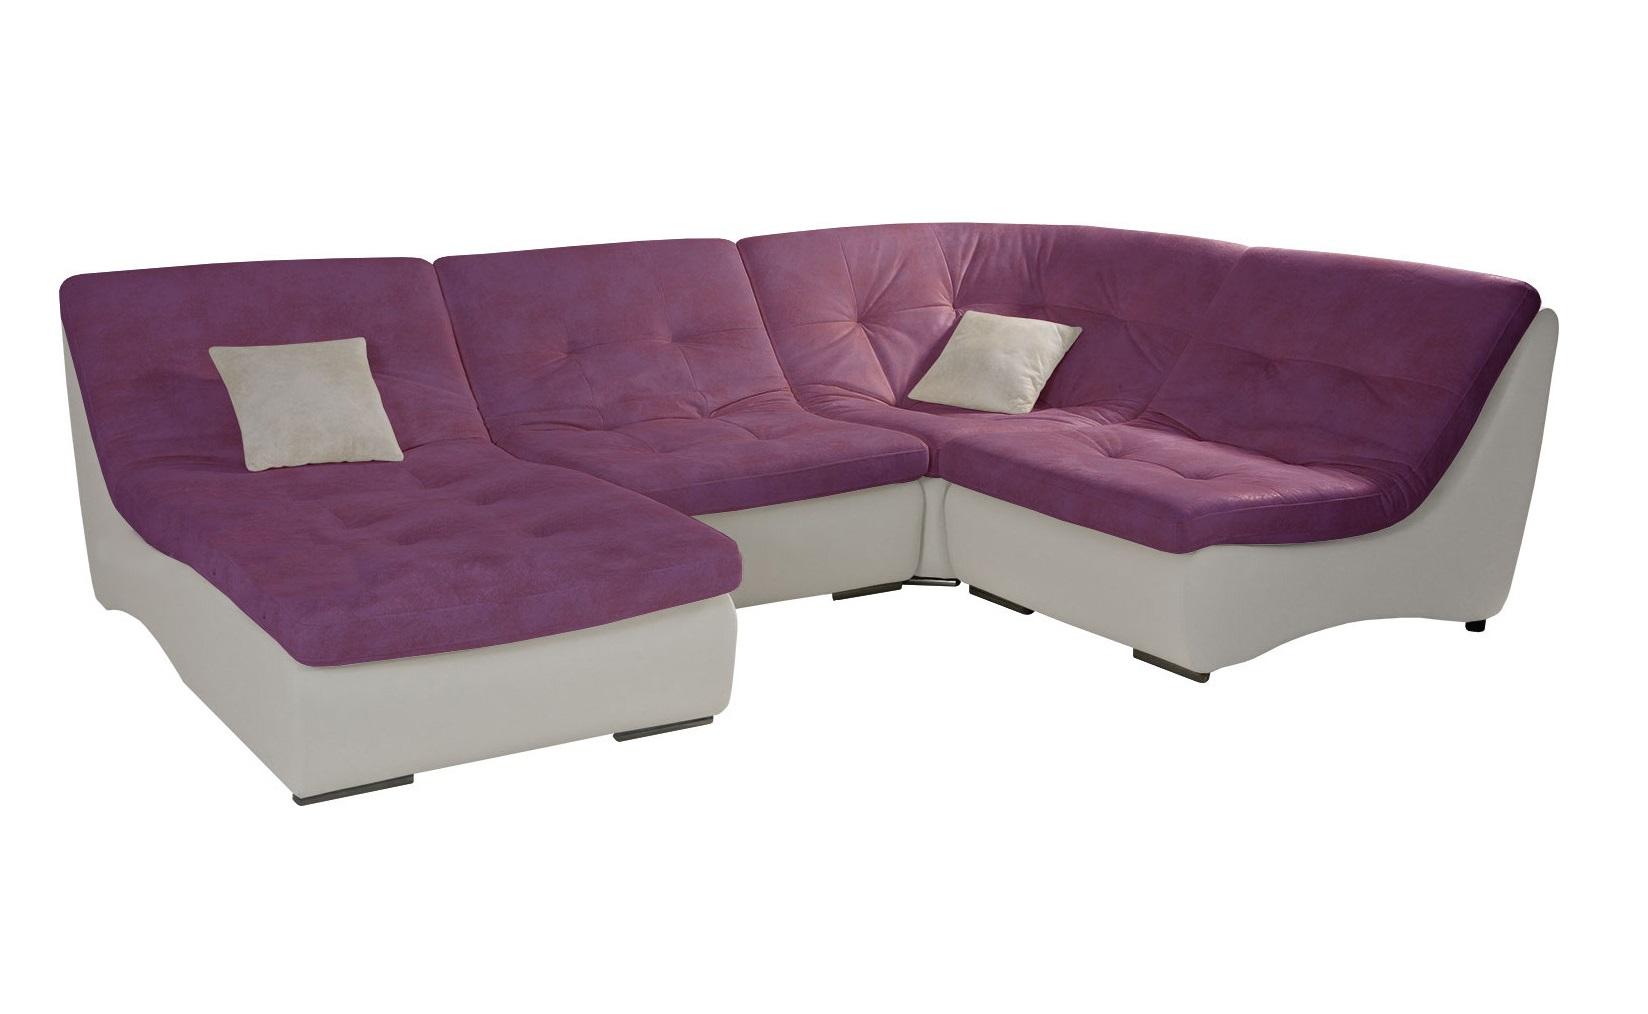 Угловой модульный диван Монреаль канапе диван ру монреаль velvet marengo